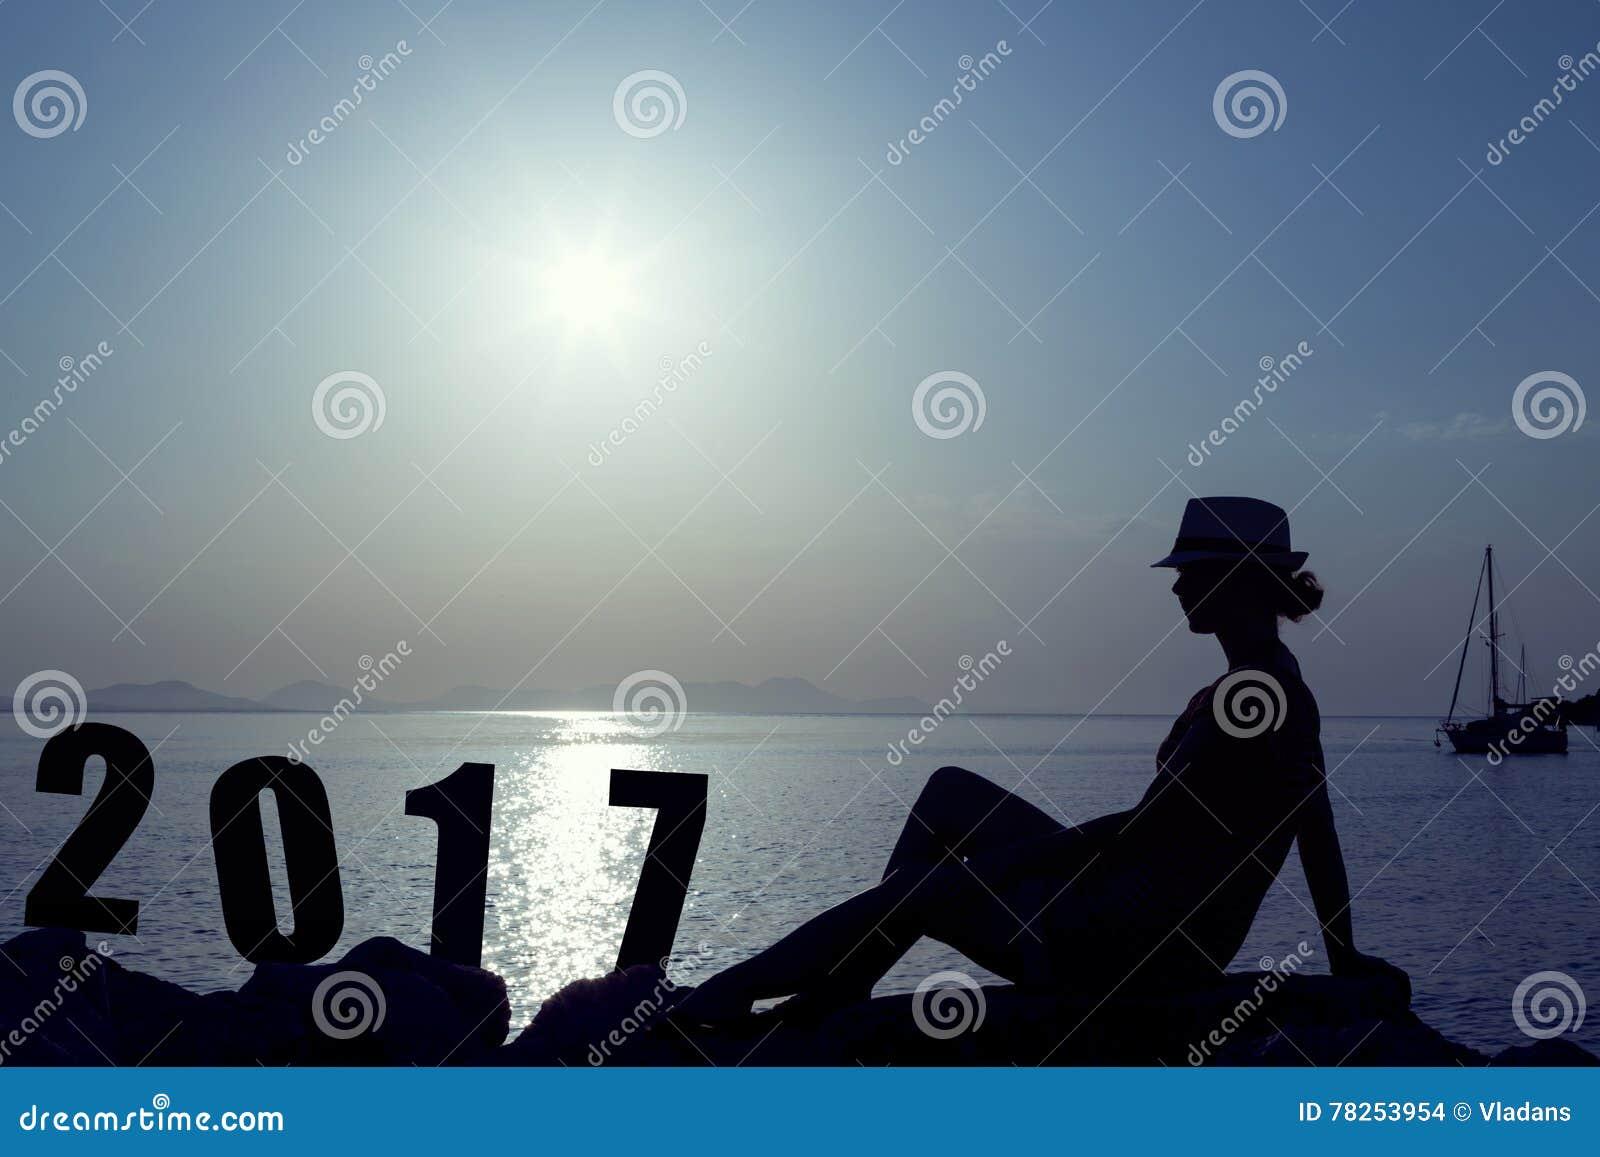 Ευτυχές νέο έτος του 2017